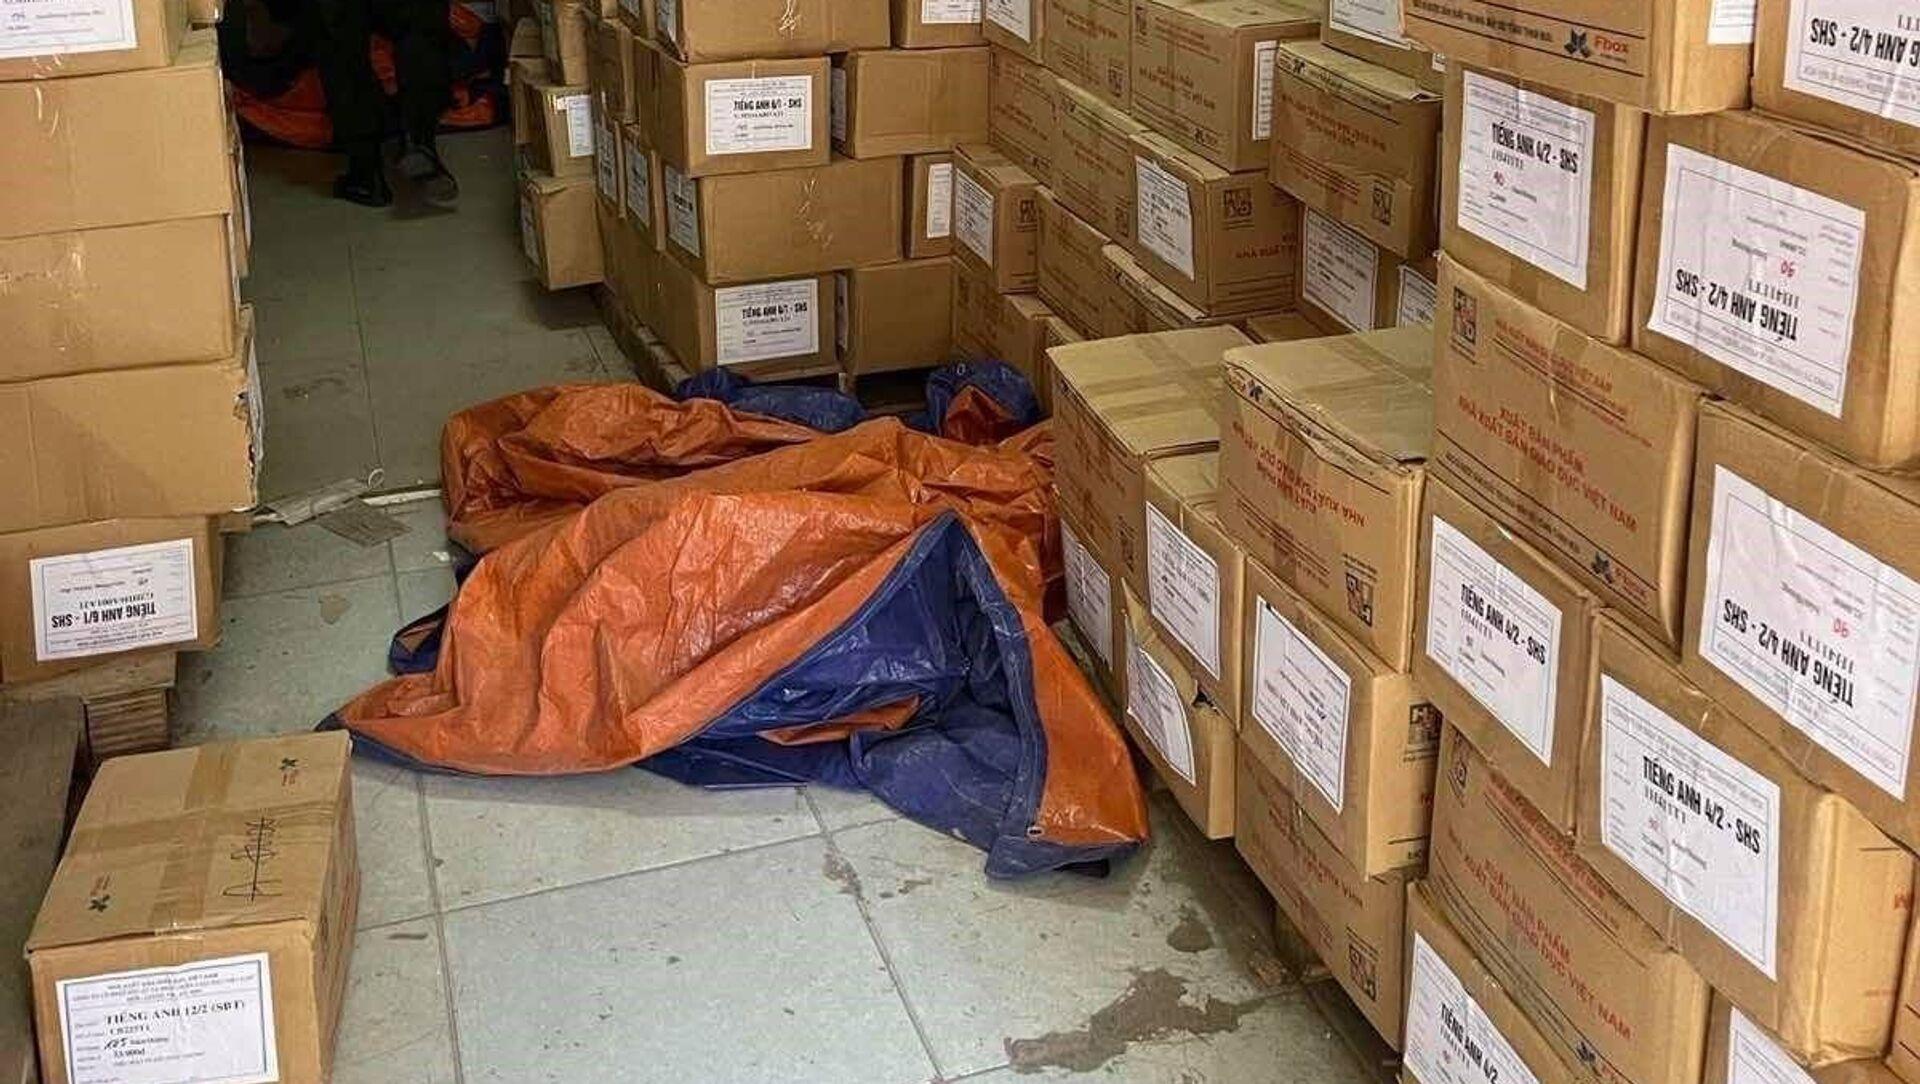 Cơ quan chức năng thu giữ hàng triệu cuốn sách sách giáo khoa thành phẩm giả, nhiều phương tiện, sổ sách, chứng từ kế toán liên quan đến việc sản xuất, mua bán, tiêu thụ sách giả. - Sputnik Việt Nam, 1920, 20.06.2021